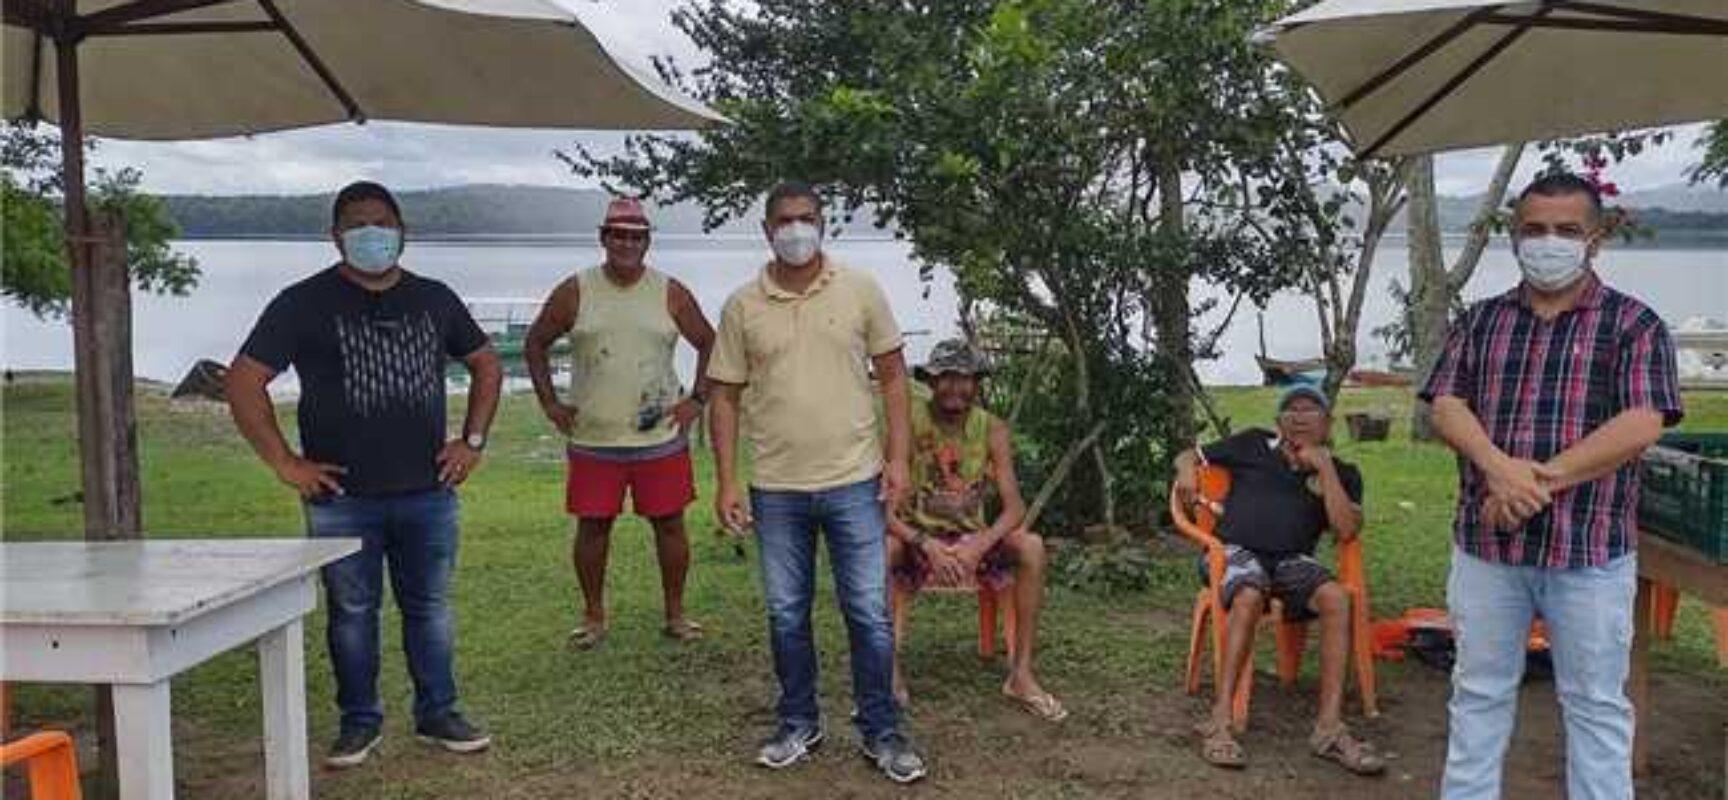 Ilhéus: Visita à Lagoa Encantada inicia ações para fortalecimento turístico